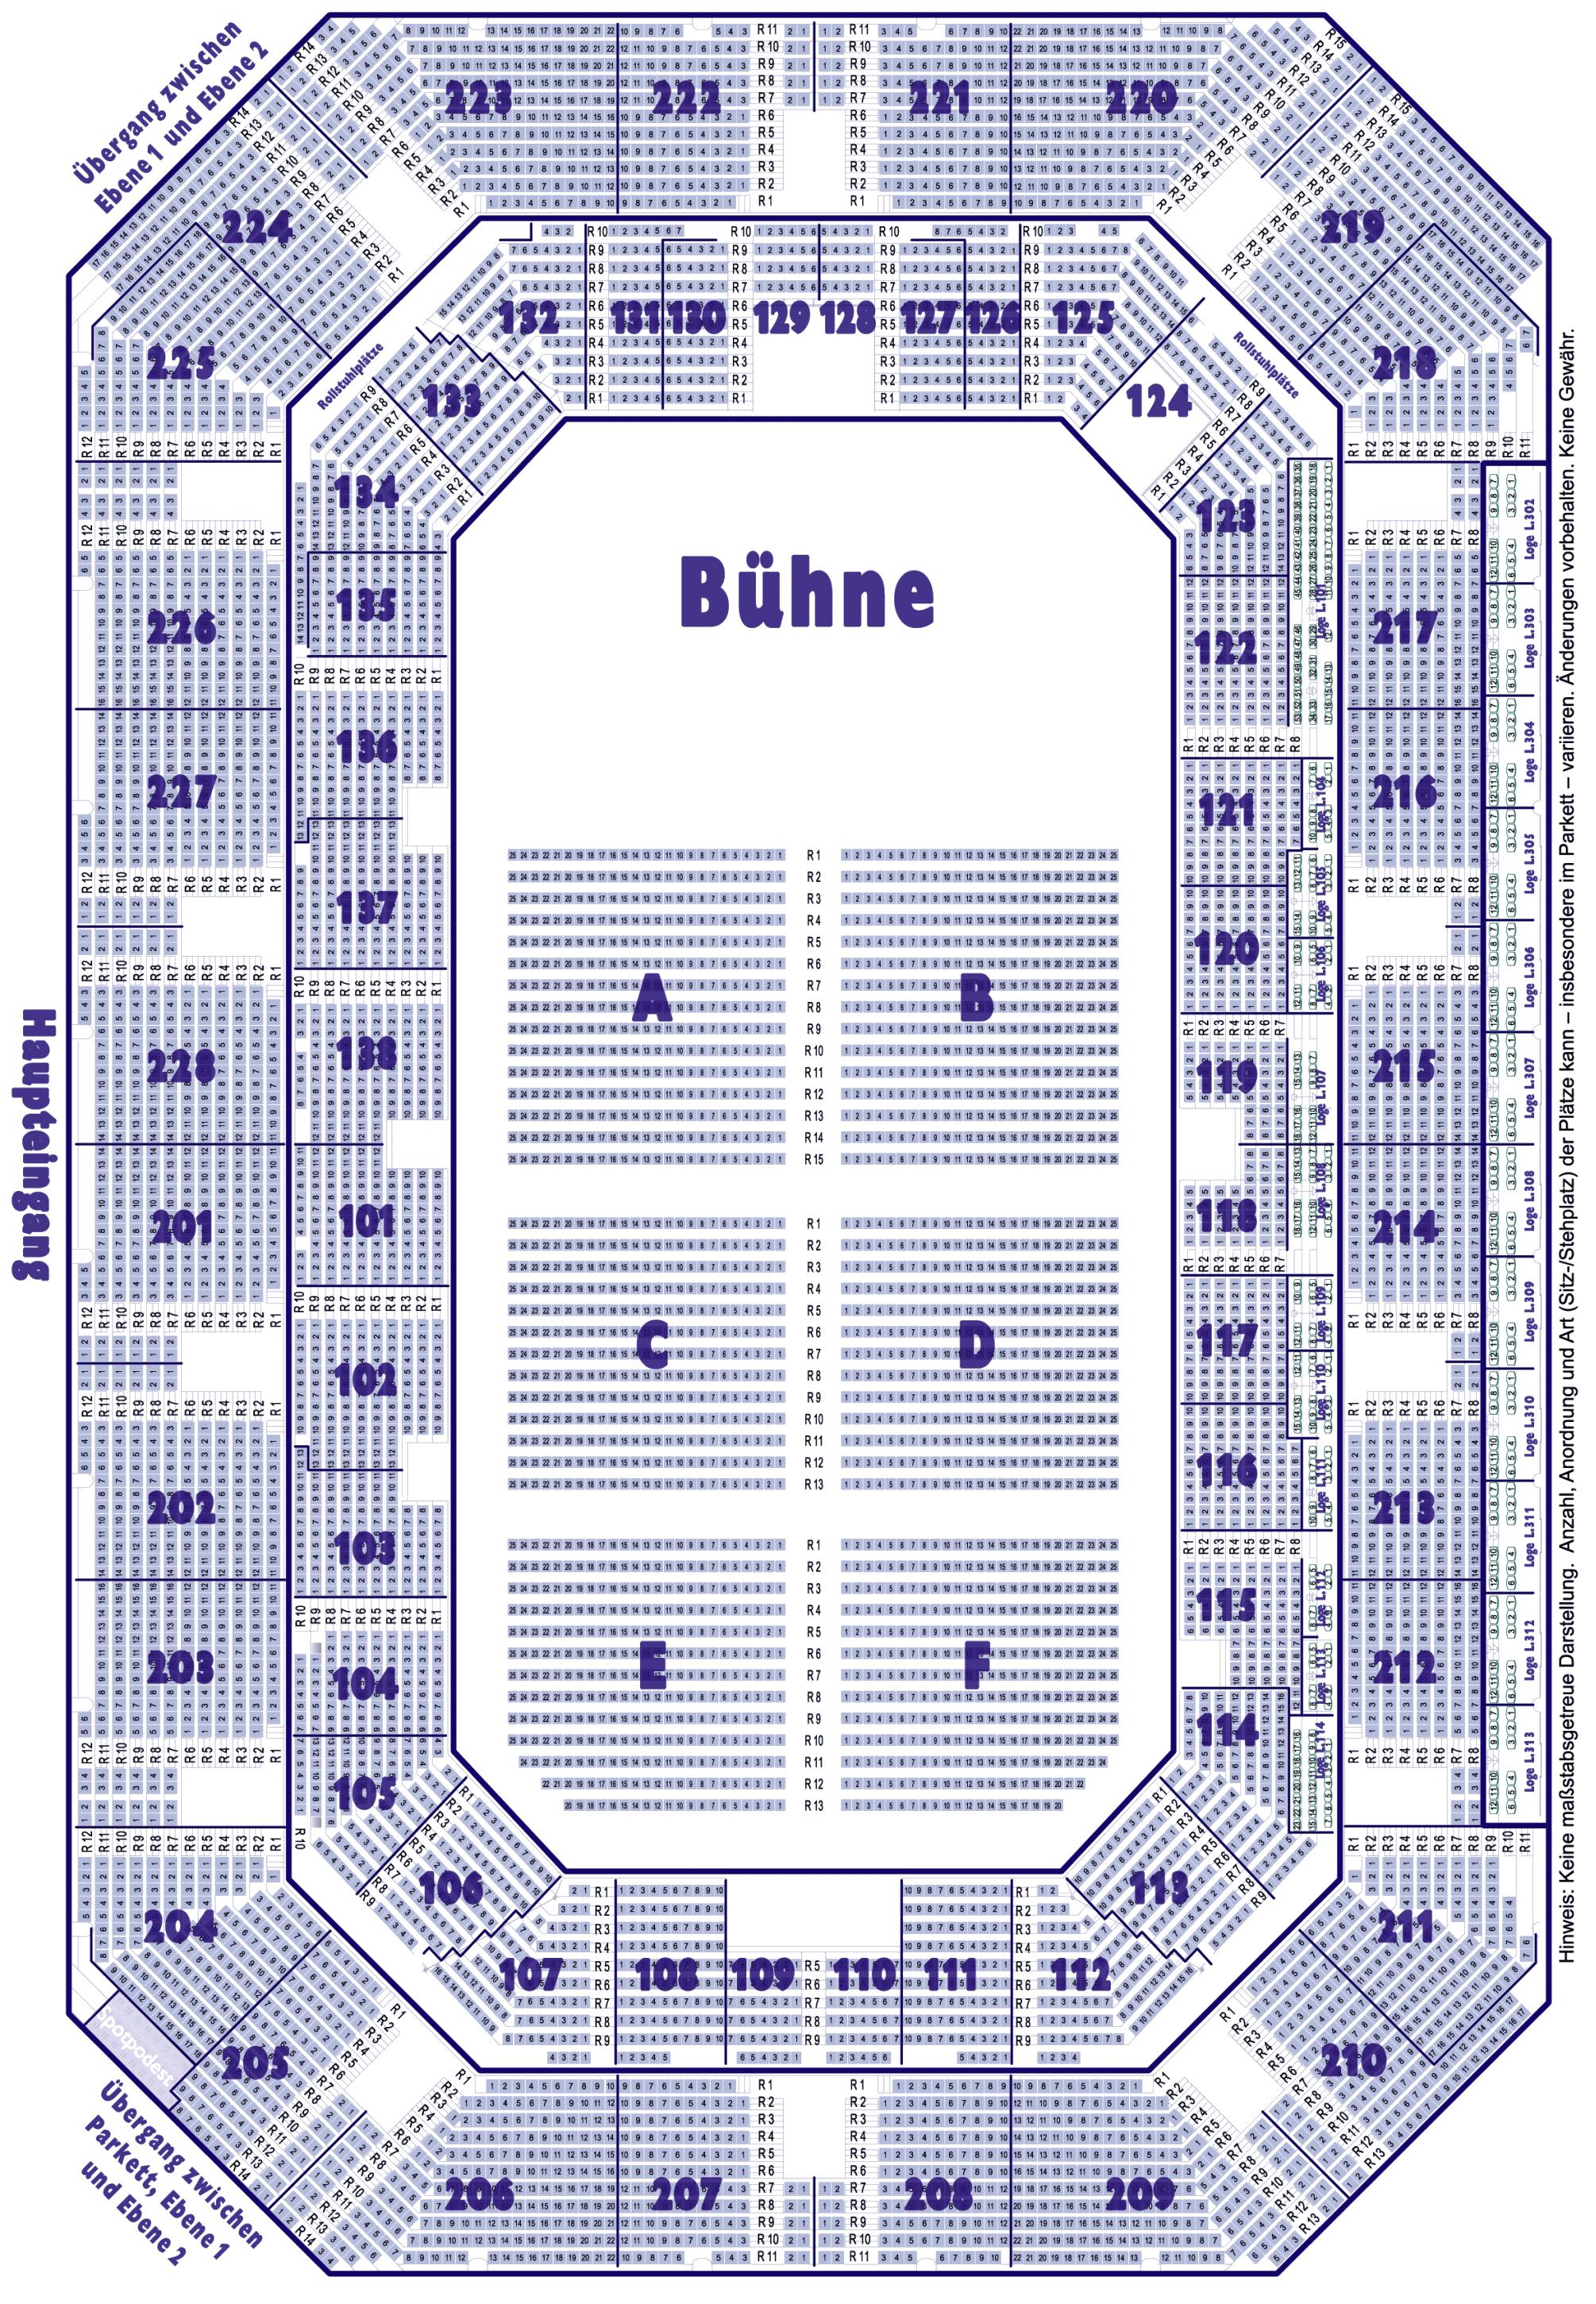 Saalplan Und Bestuhlung Der Arena Nurnberger Versicherung